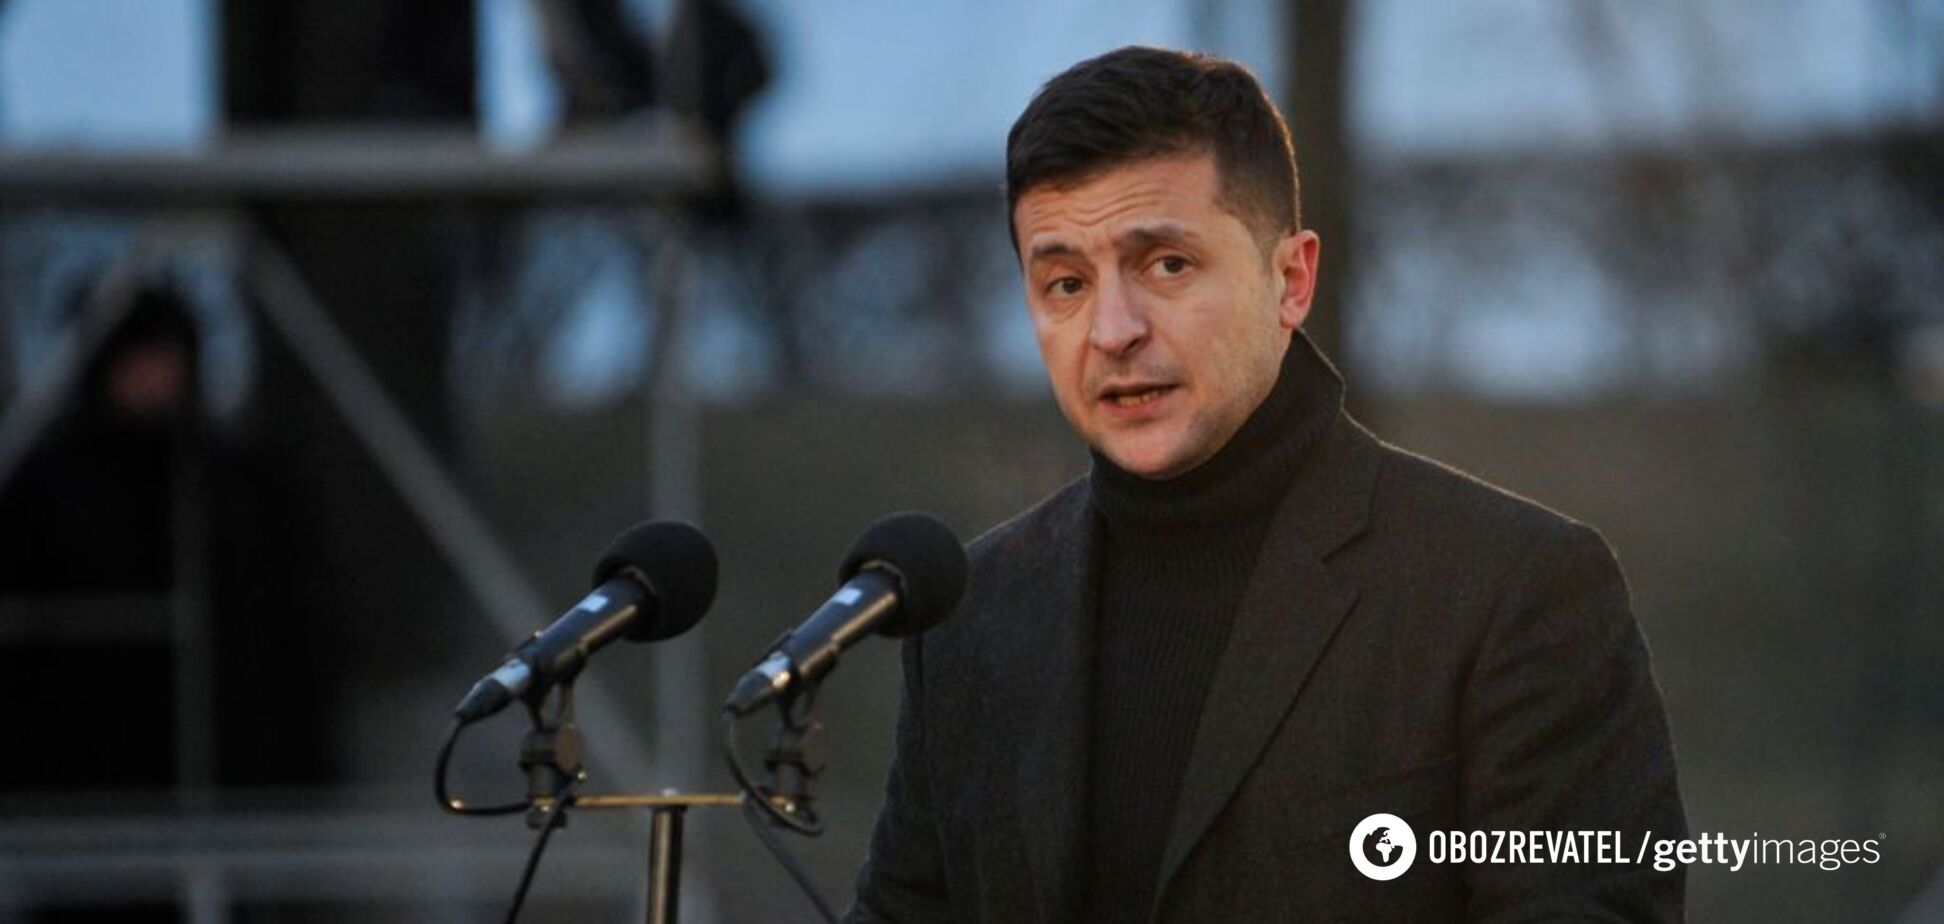 Зеленський публічно проігнорував питання про повернення Криму. Відео